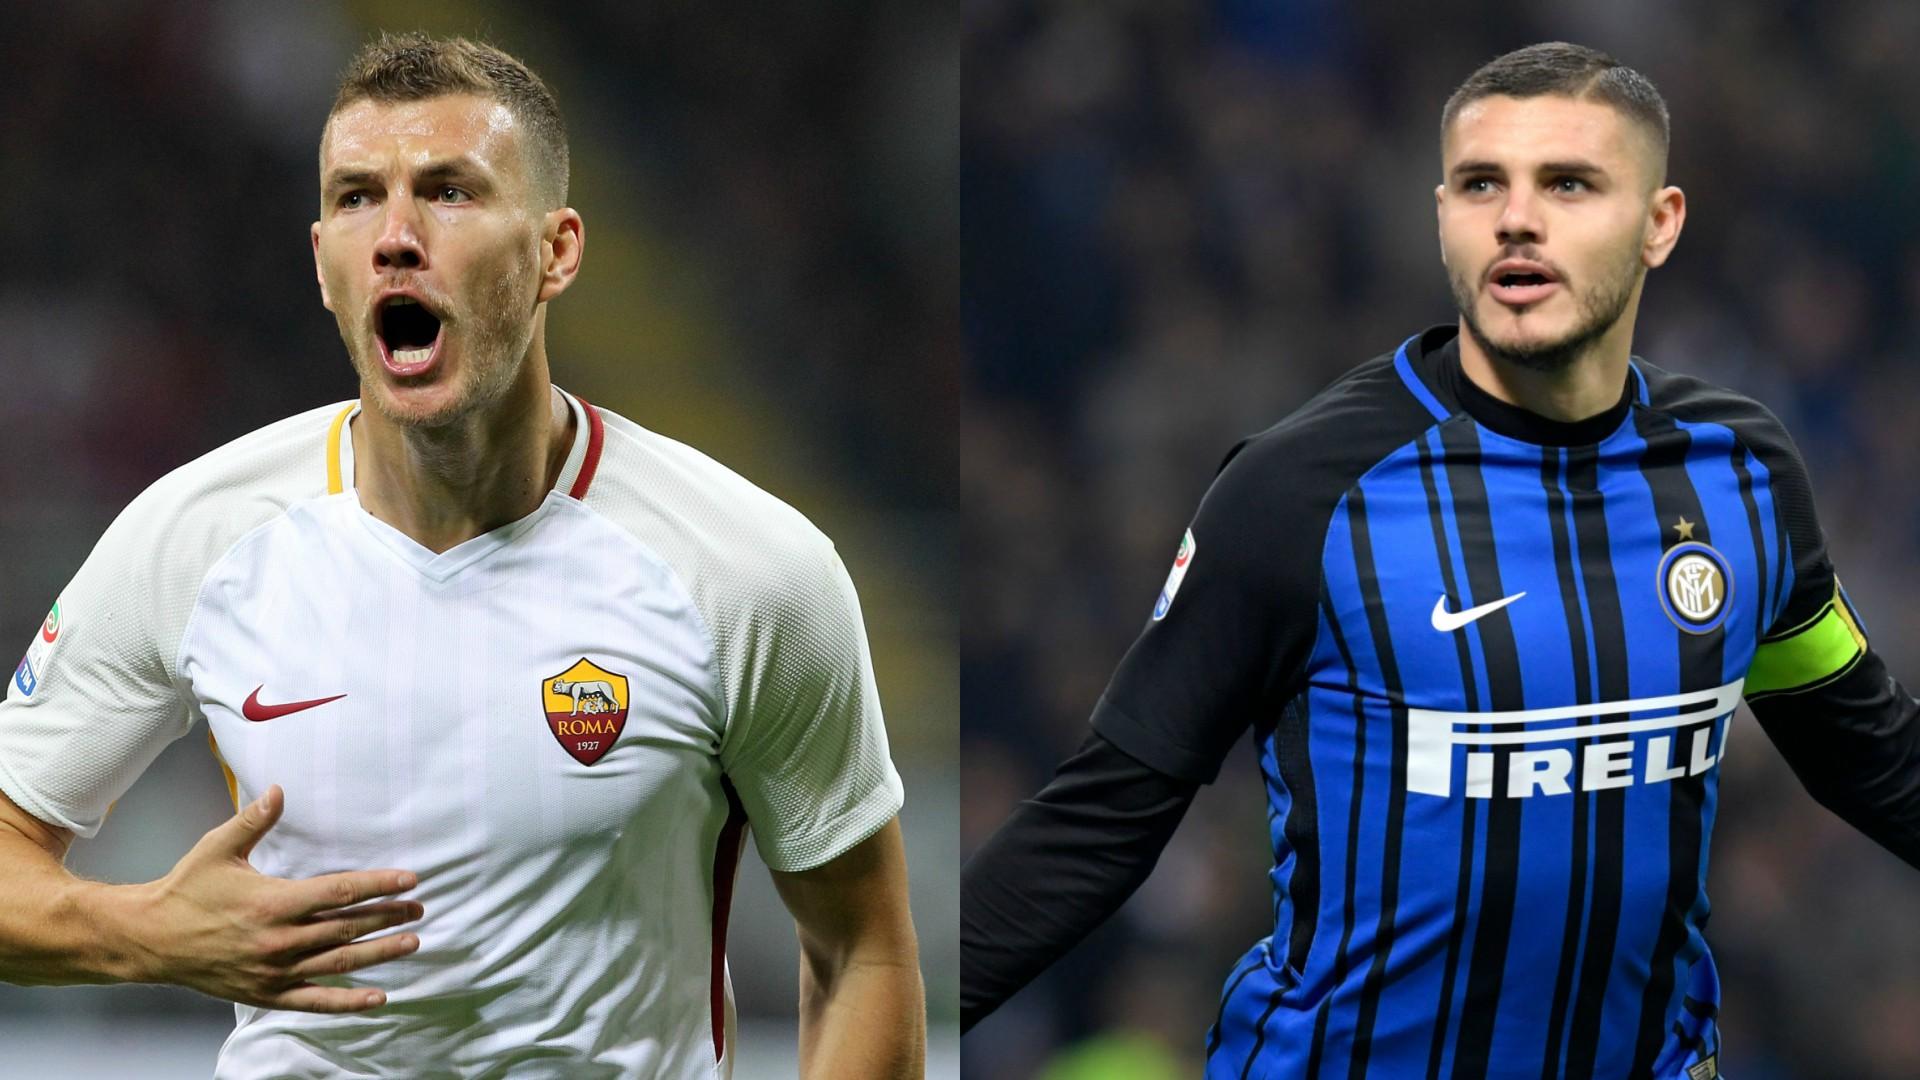 Mercato - Lukaku, Dybala, Icardi, Cavani, Dzeko : le géant jeu de chaises musicales qui se prépare chez les attaquants